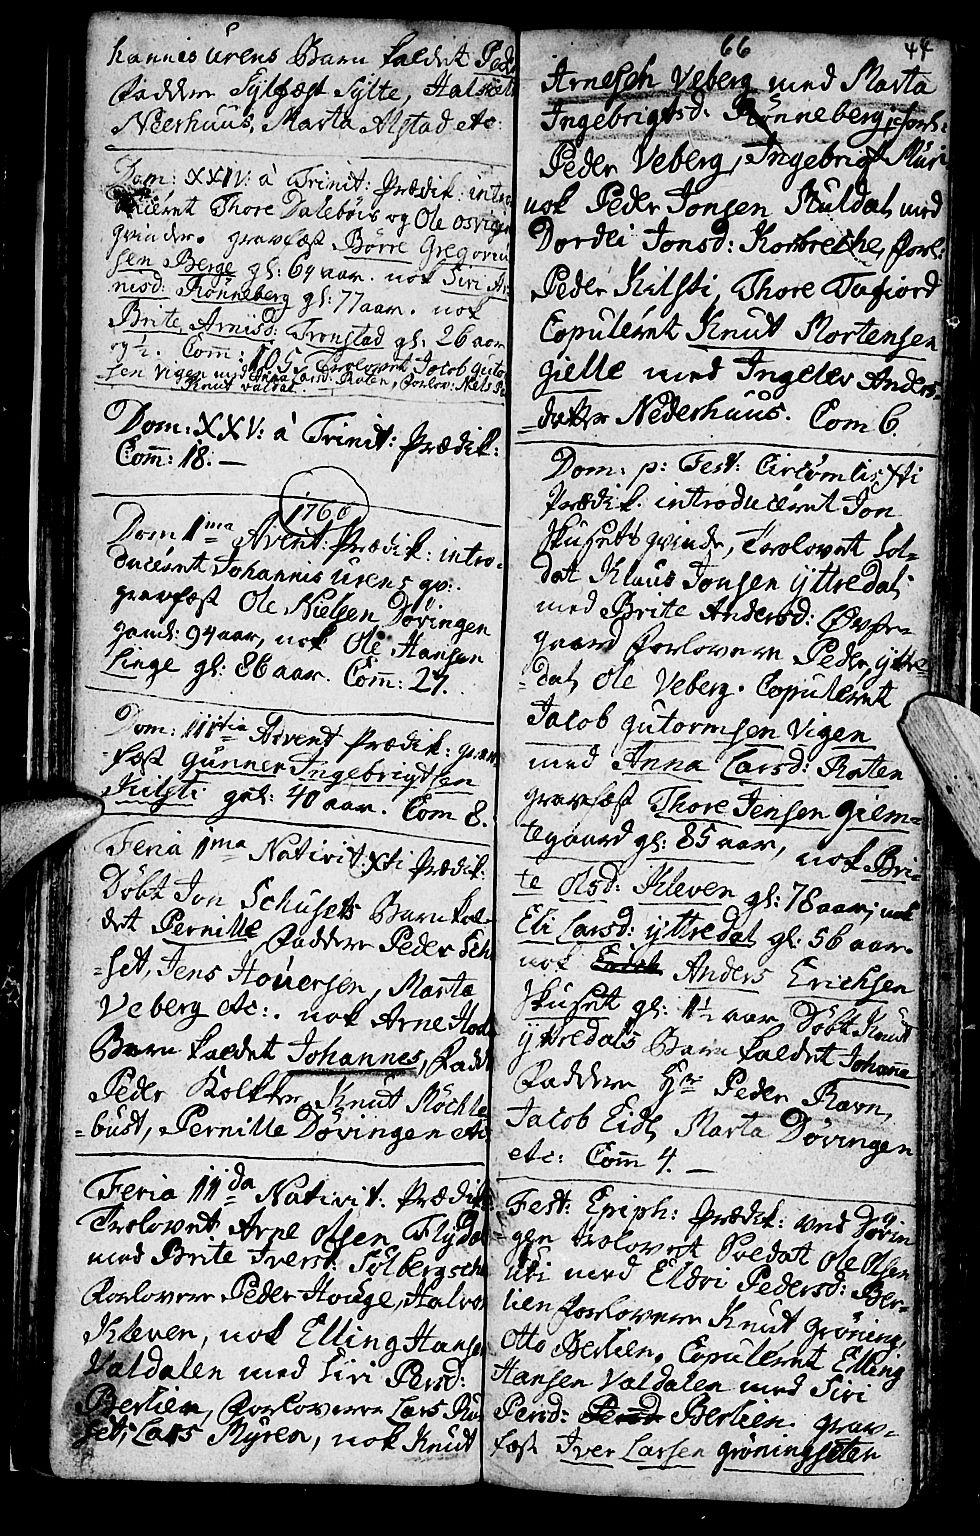 SAT, Ministerialprotokoller, klokkerbøker og fødselsregistre - Møre og Romsdal, 519/L0243: Ministerialbok nr. 519A02, 1760-1770, s. 43-44